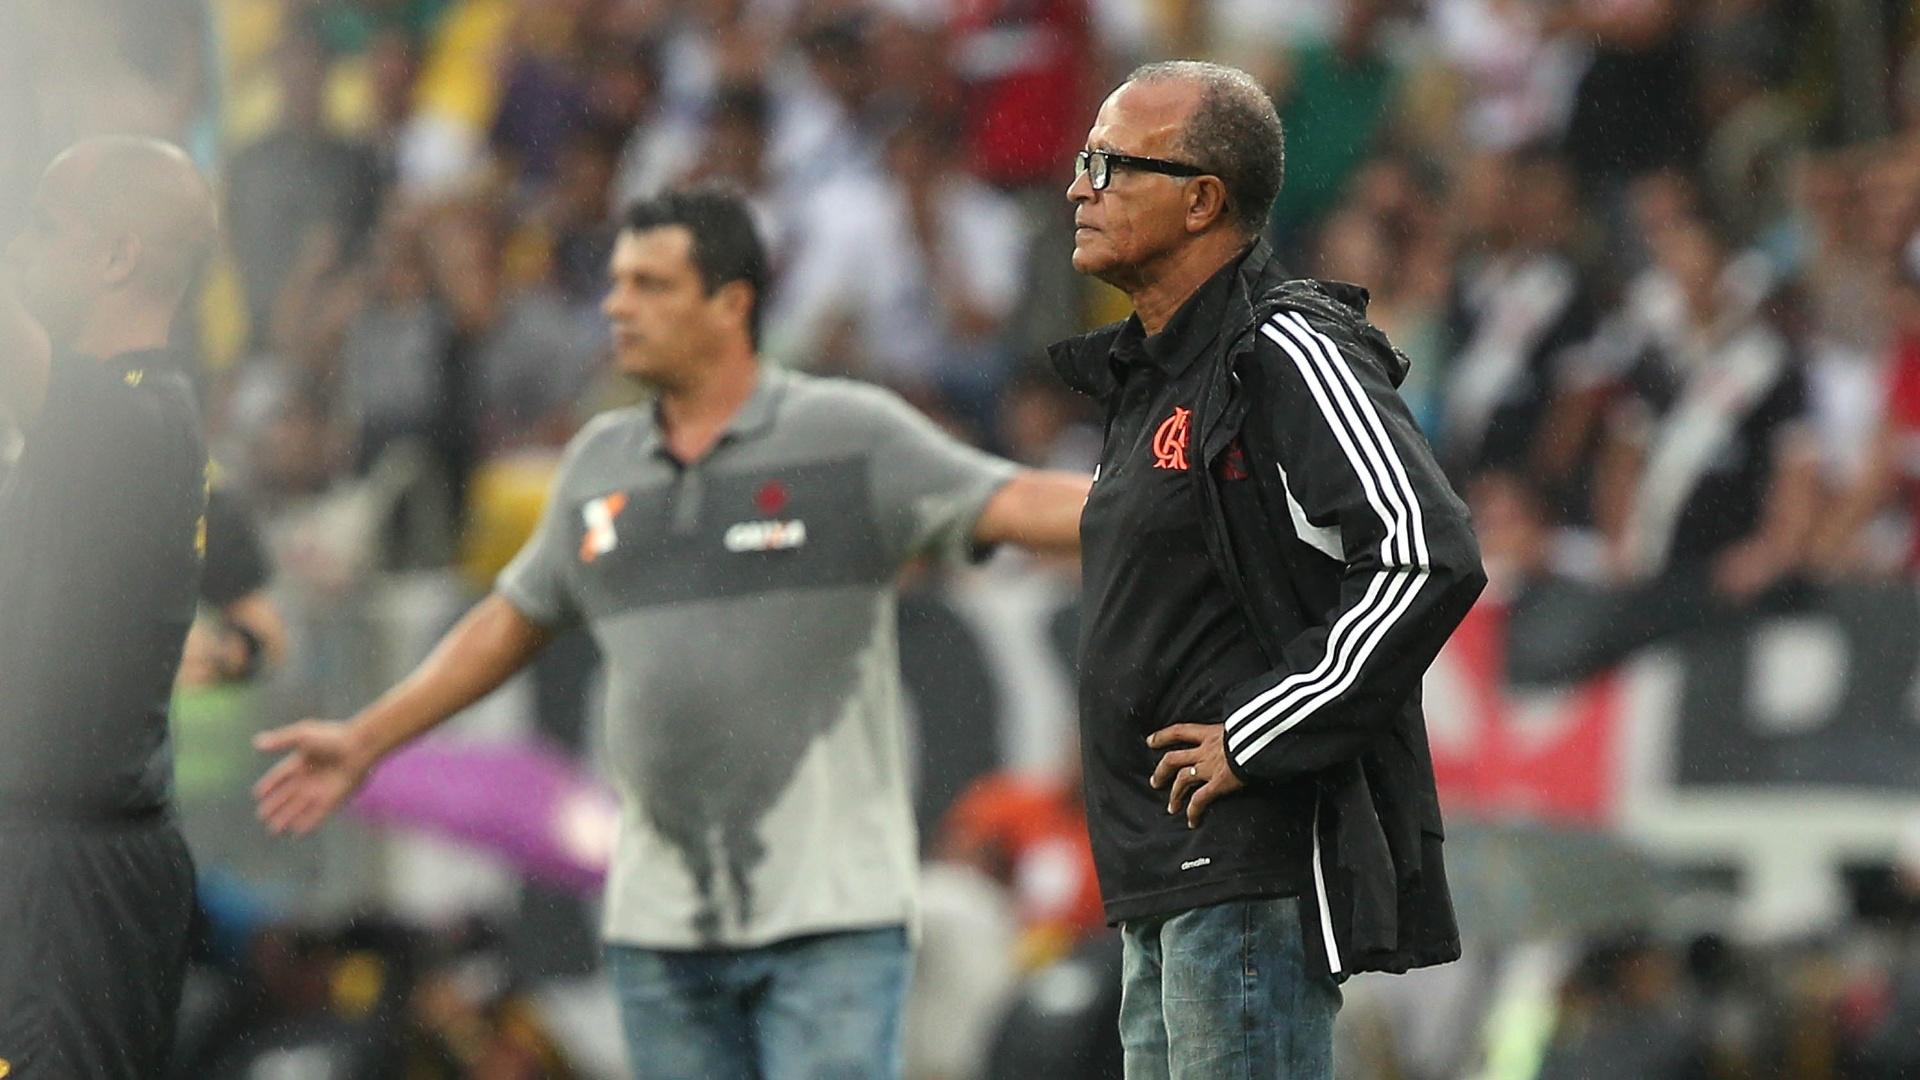 Jayme de Oliveira e Adílson Batista orientam seus times à beira do gramado